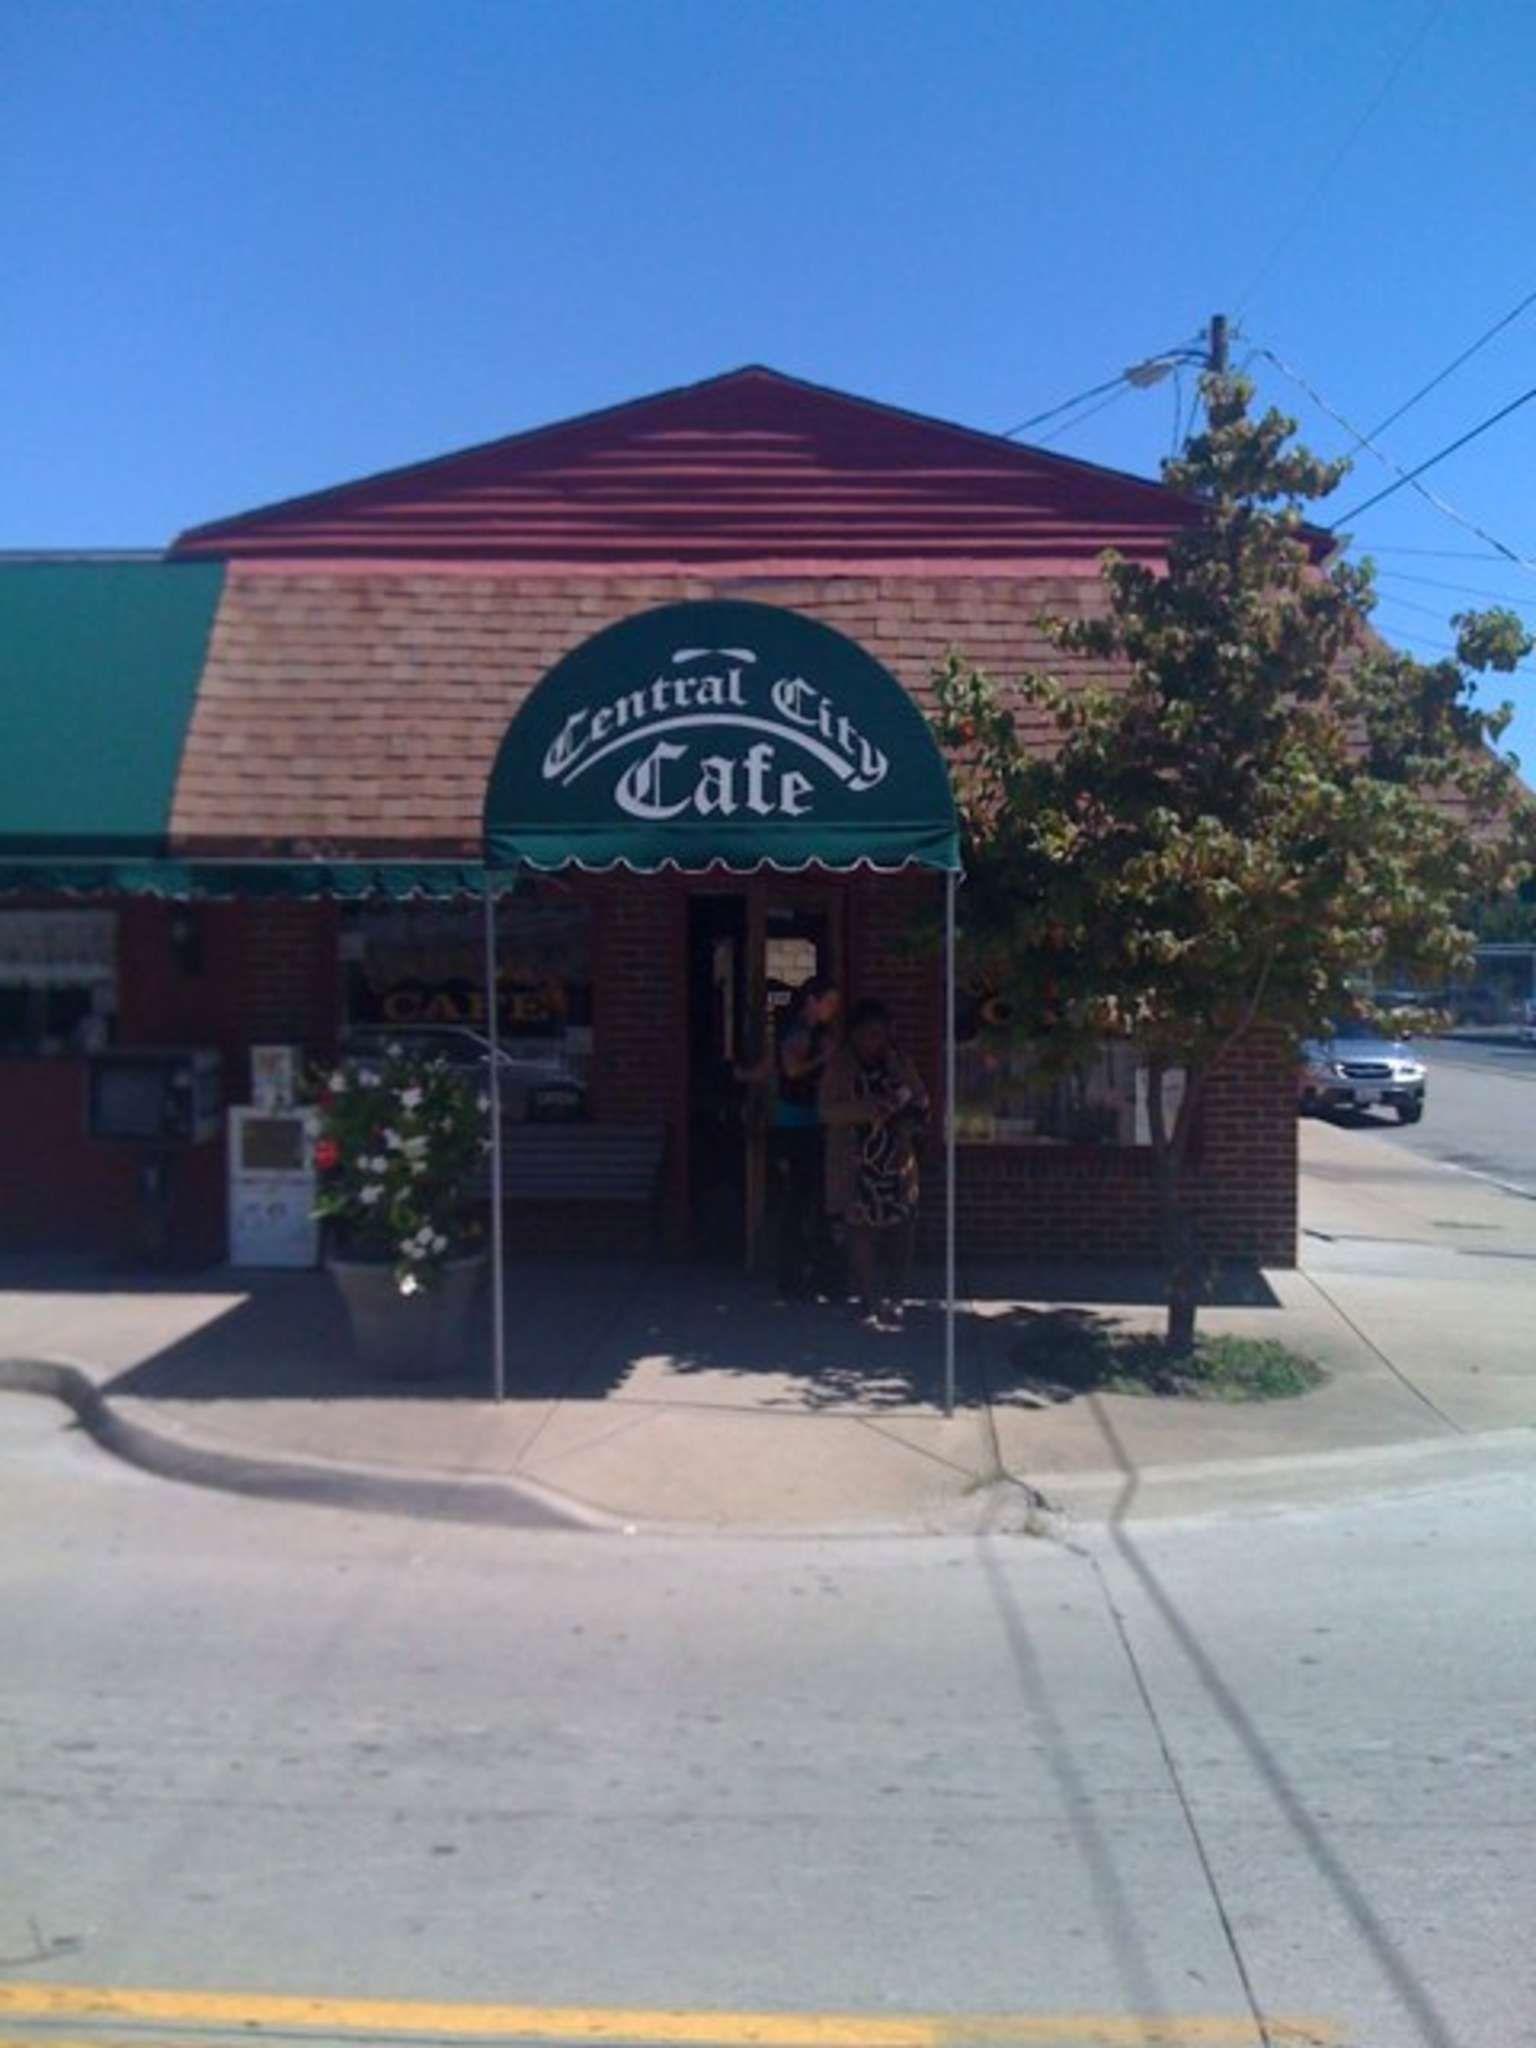 Central City Cafe Huntington West Virginia Kentucky Travel Huntington West Virginia Central City